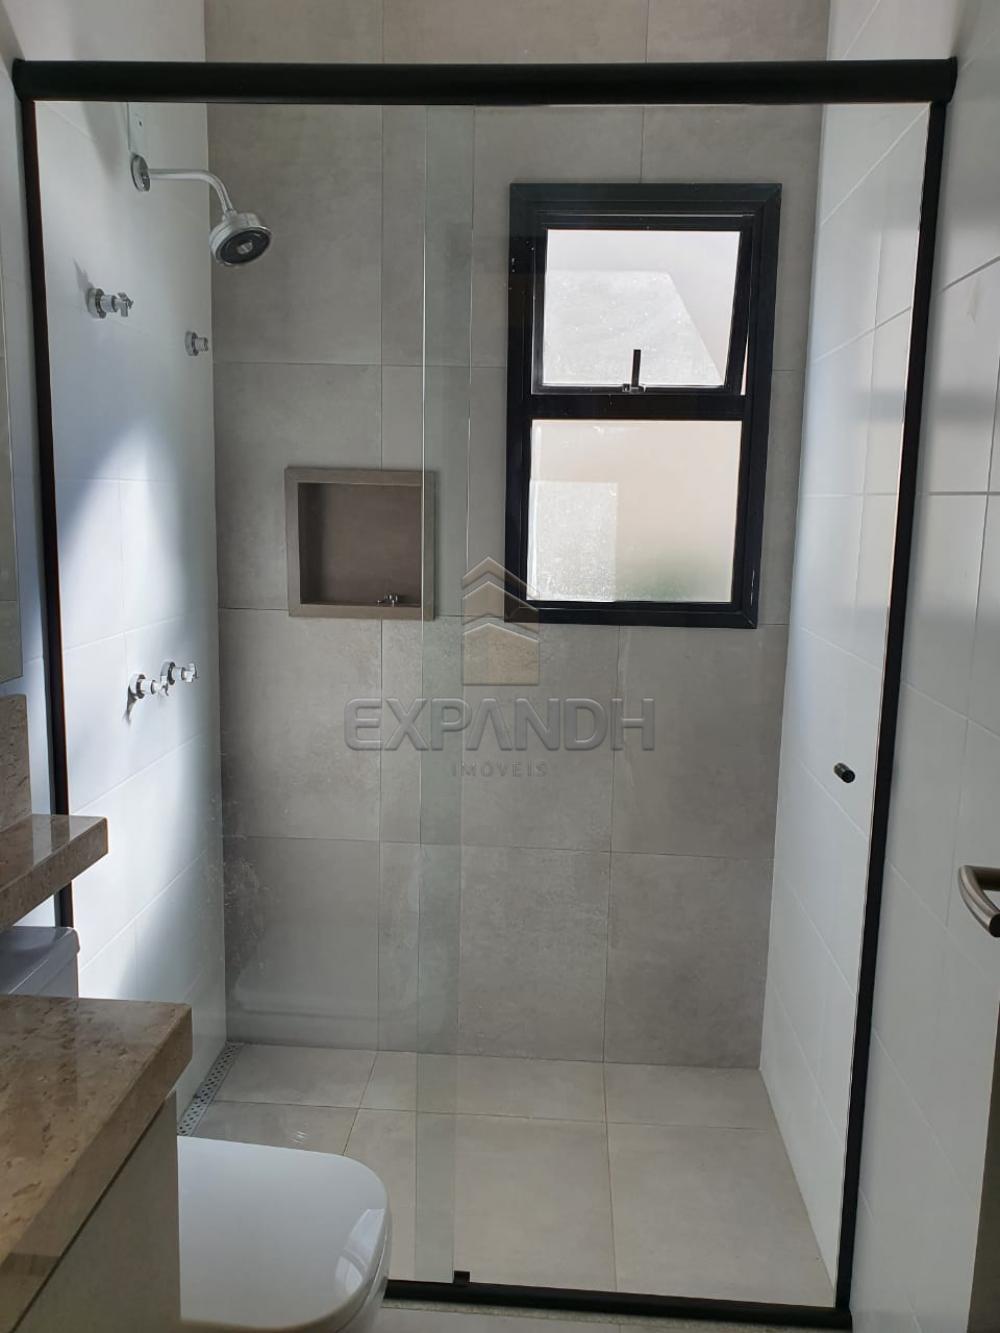 Comprar Casas / Condomínio em Sertãozinho R$ 478.390,00 - Foto 11